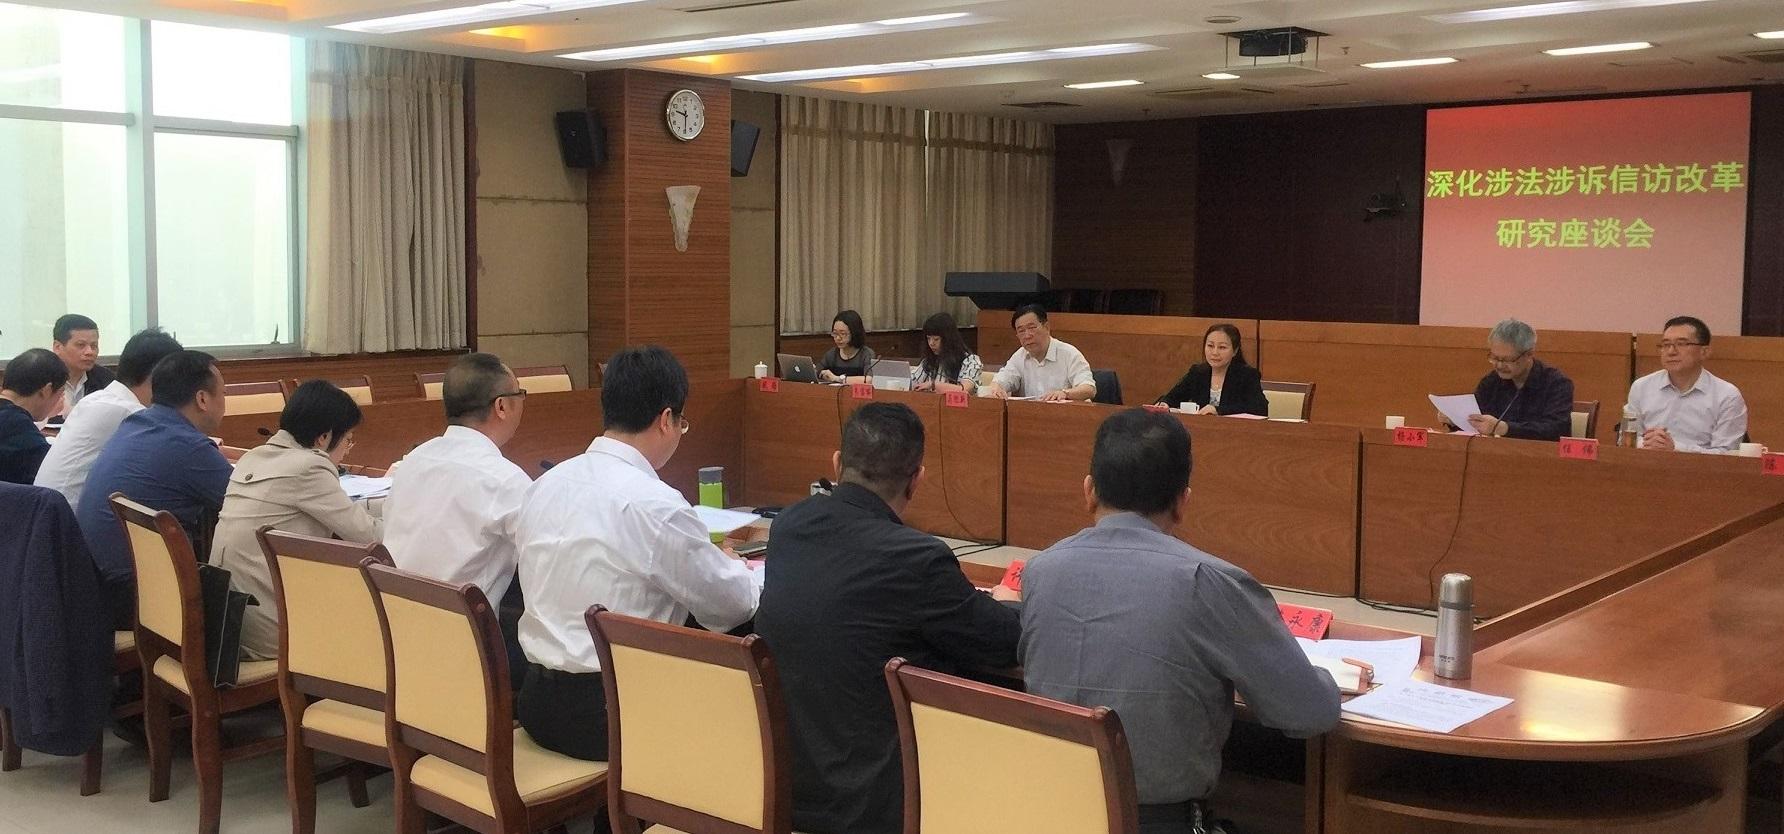 深化涉法涉诉信访改革研究课题组在福州中院与福建省市区三级政法委、法院调研座谈